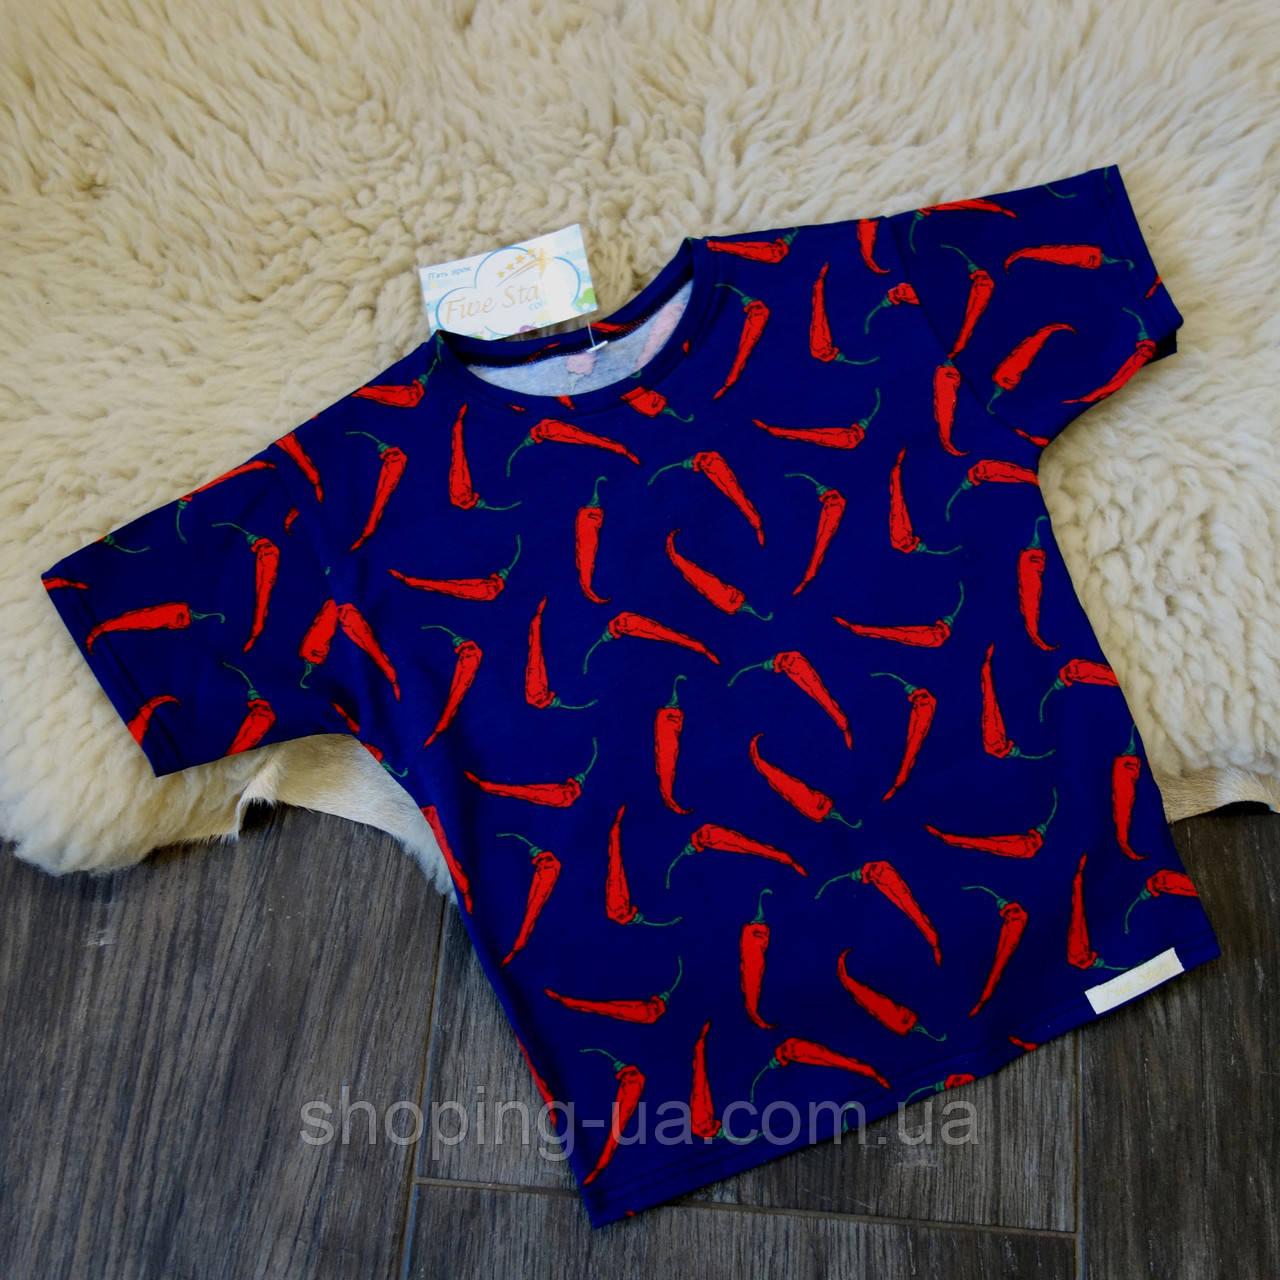 Футболка для мальчика перчики Five Stars KX0294-116p